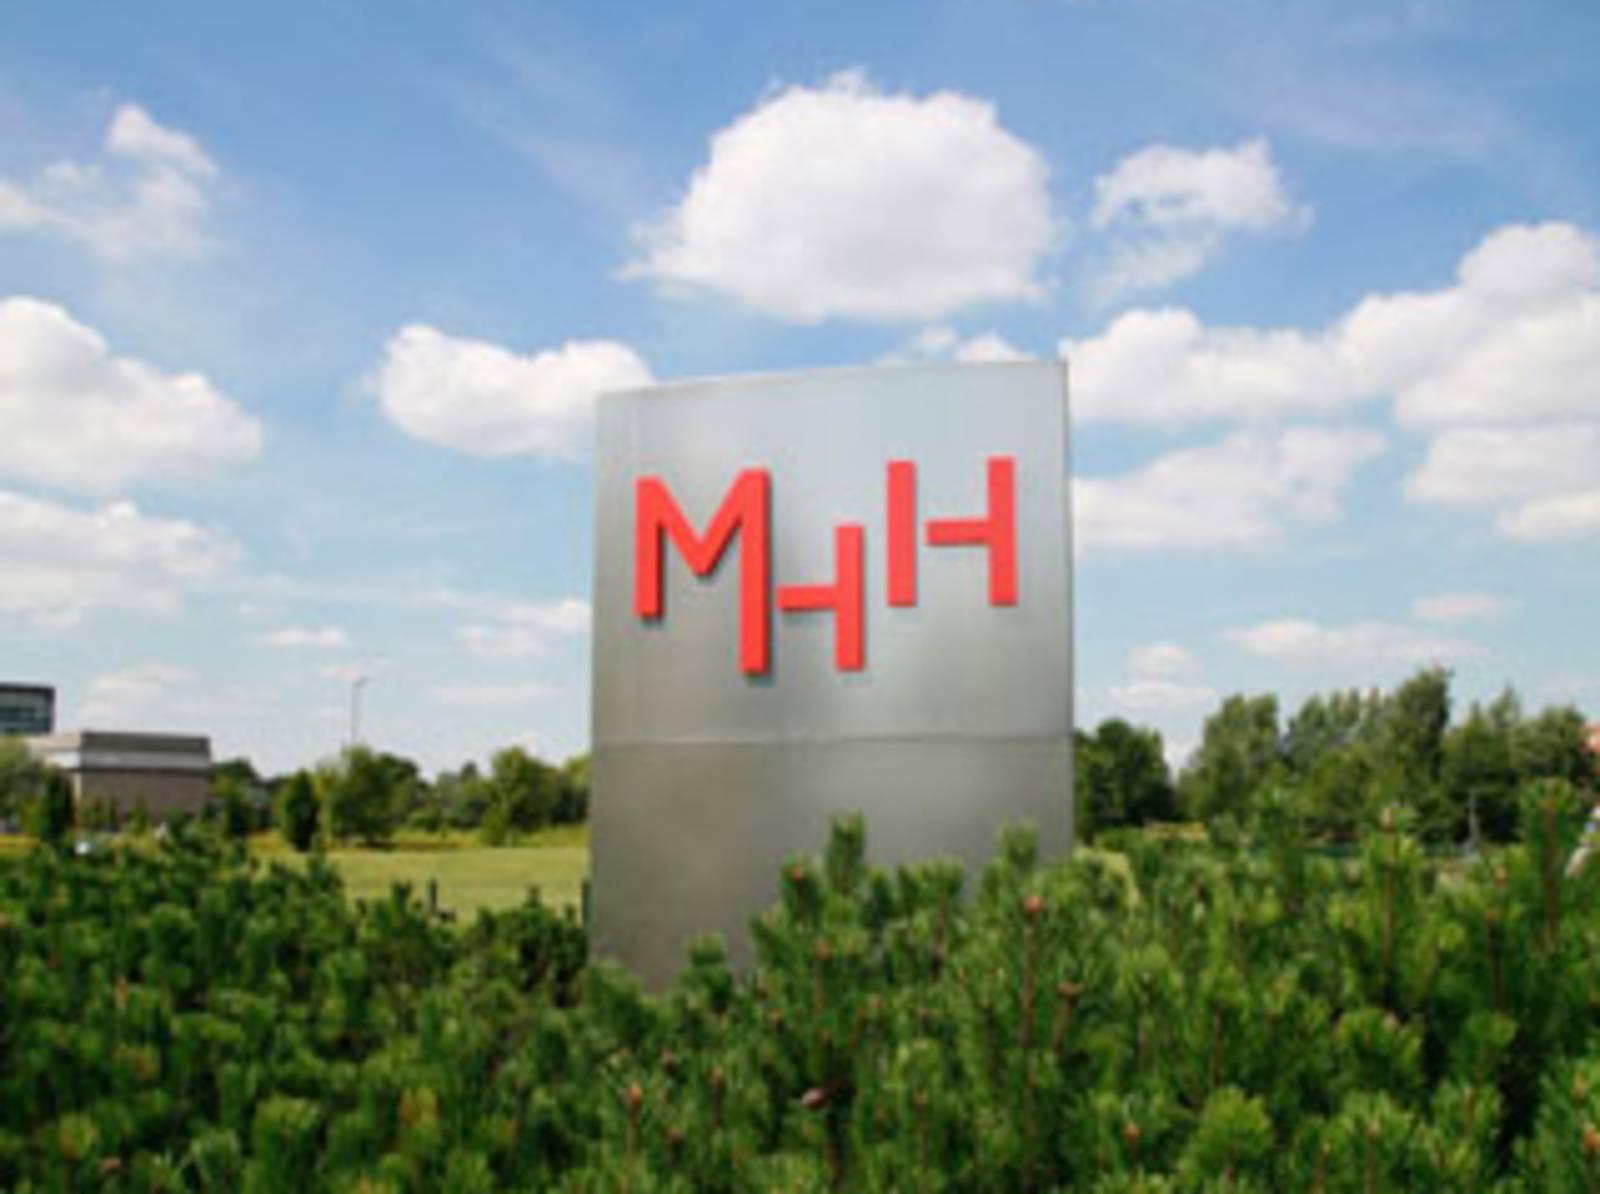 Stele mit dem Schriftzug MHH inmitten von Bäumen